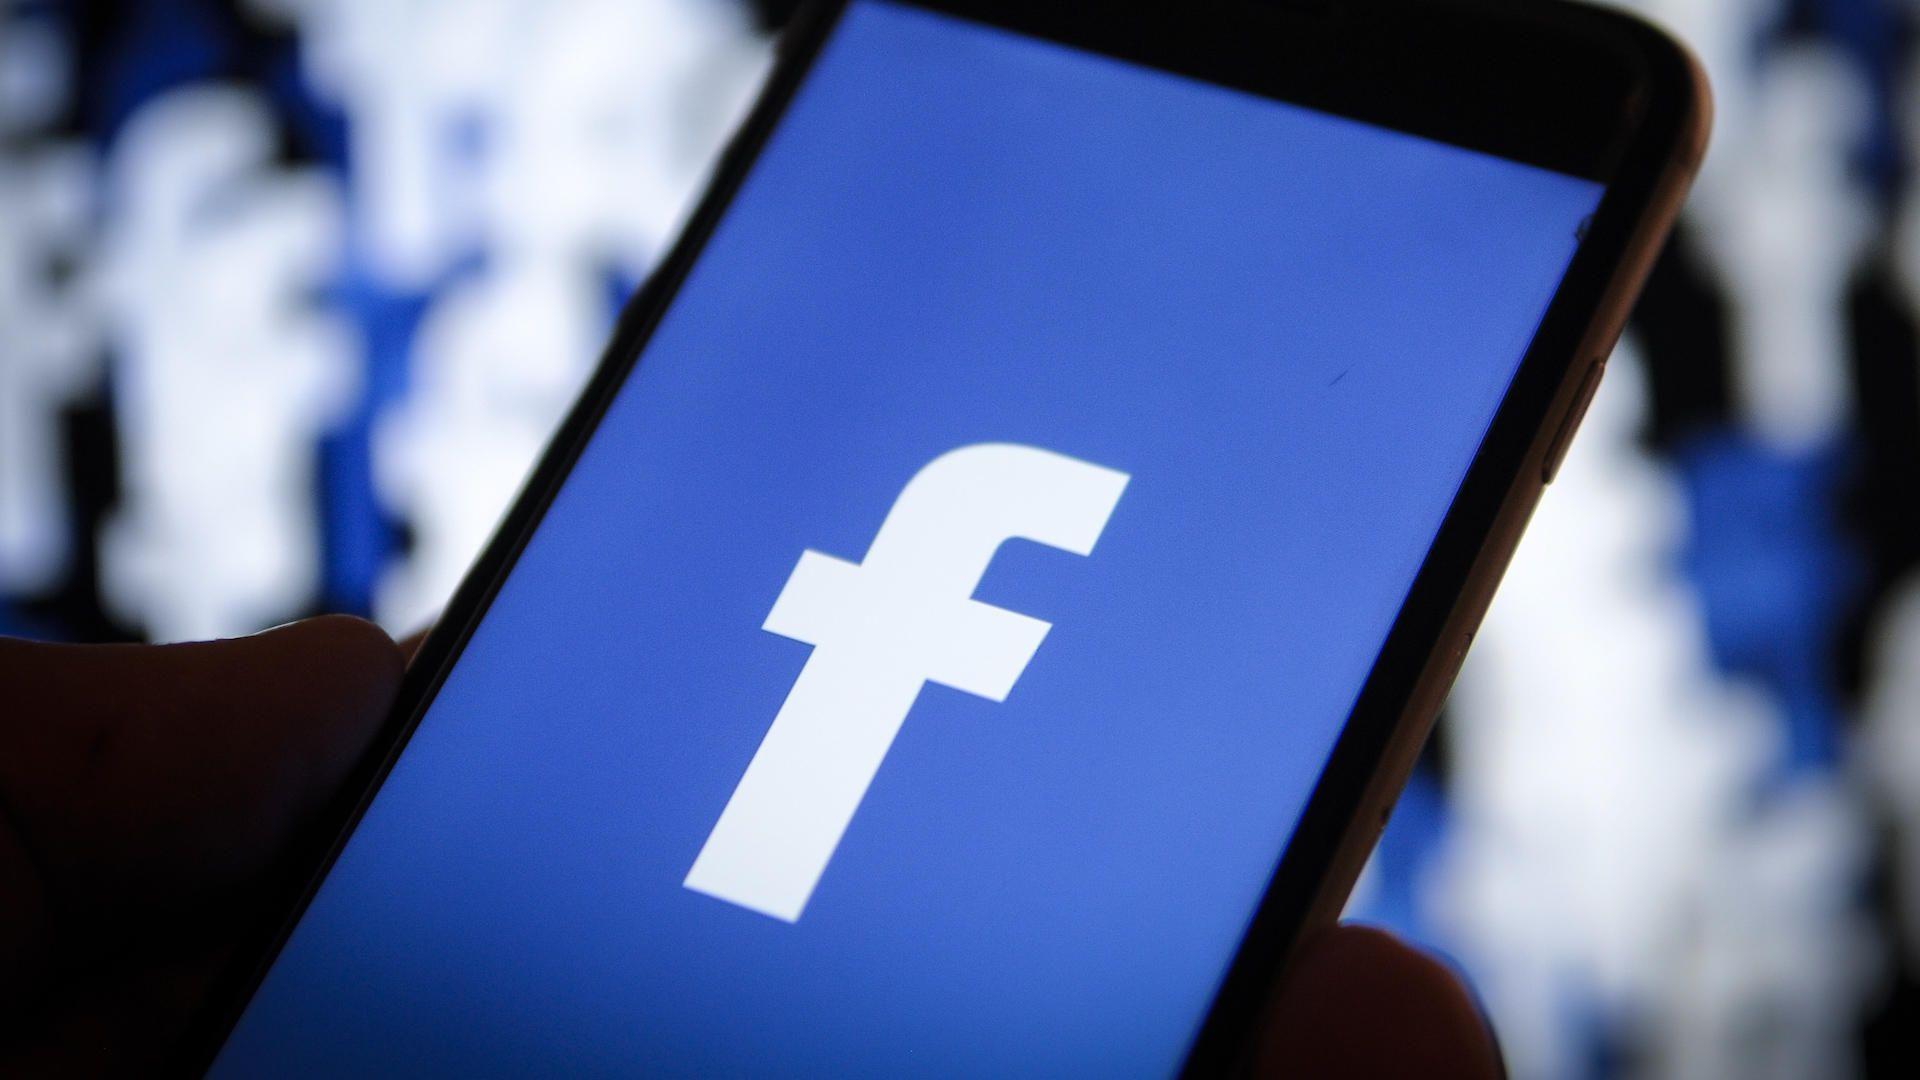 Autorităţile americane intenţionează să aplice Facebook o amendă-record